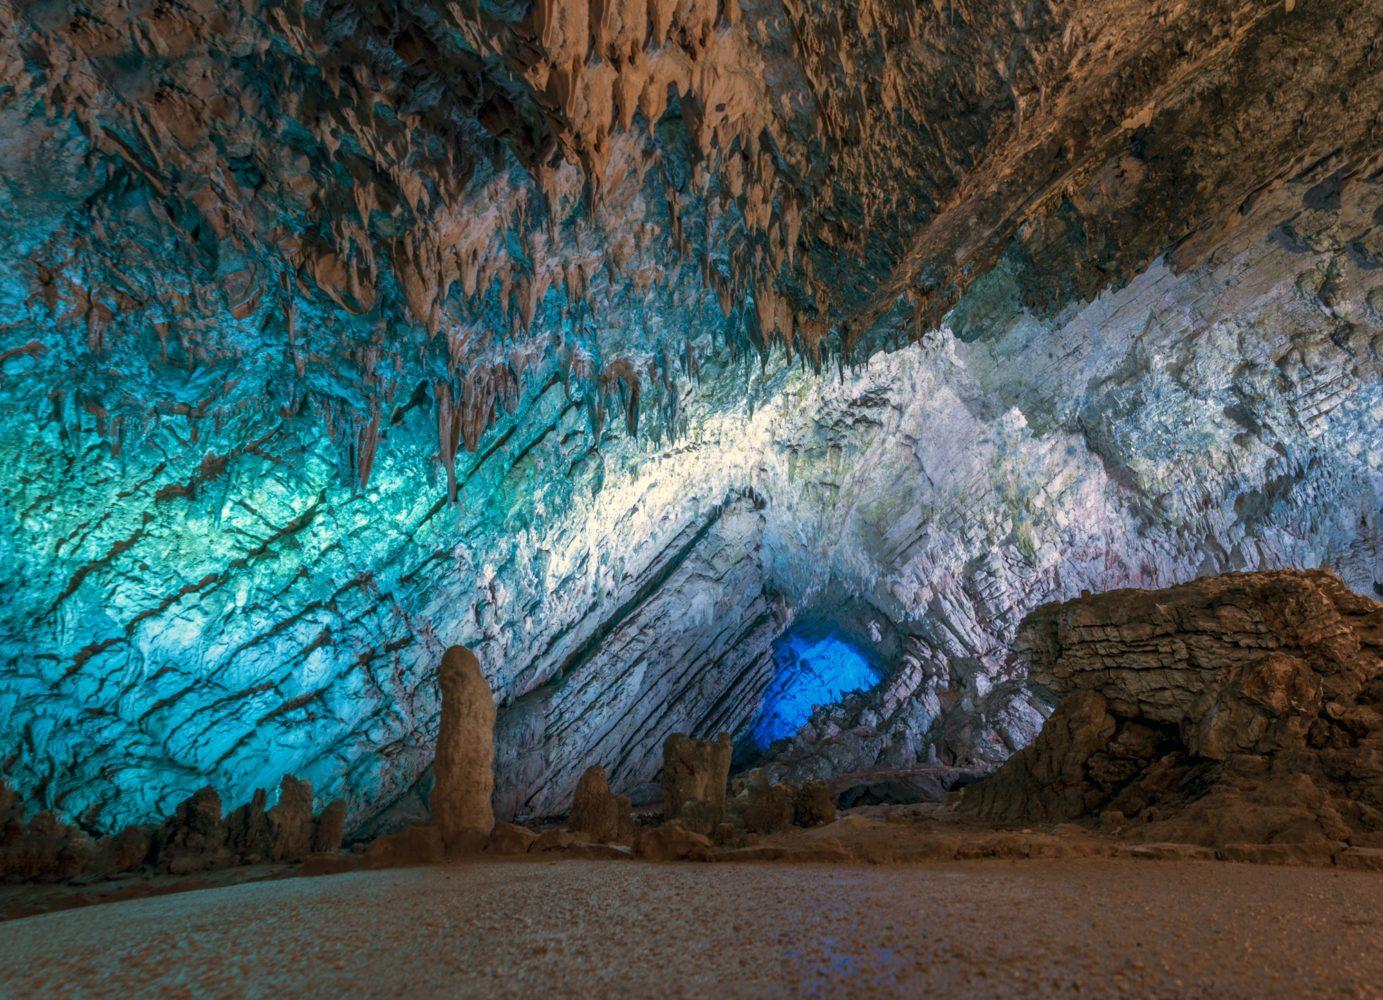 grotte di pertosa auletta, vallo di diano, cilento il cilentano (1)